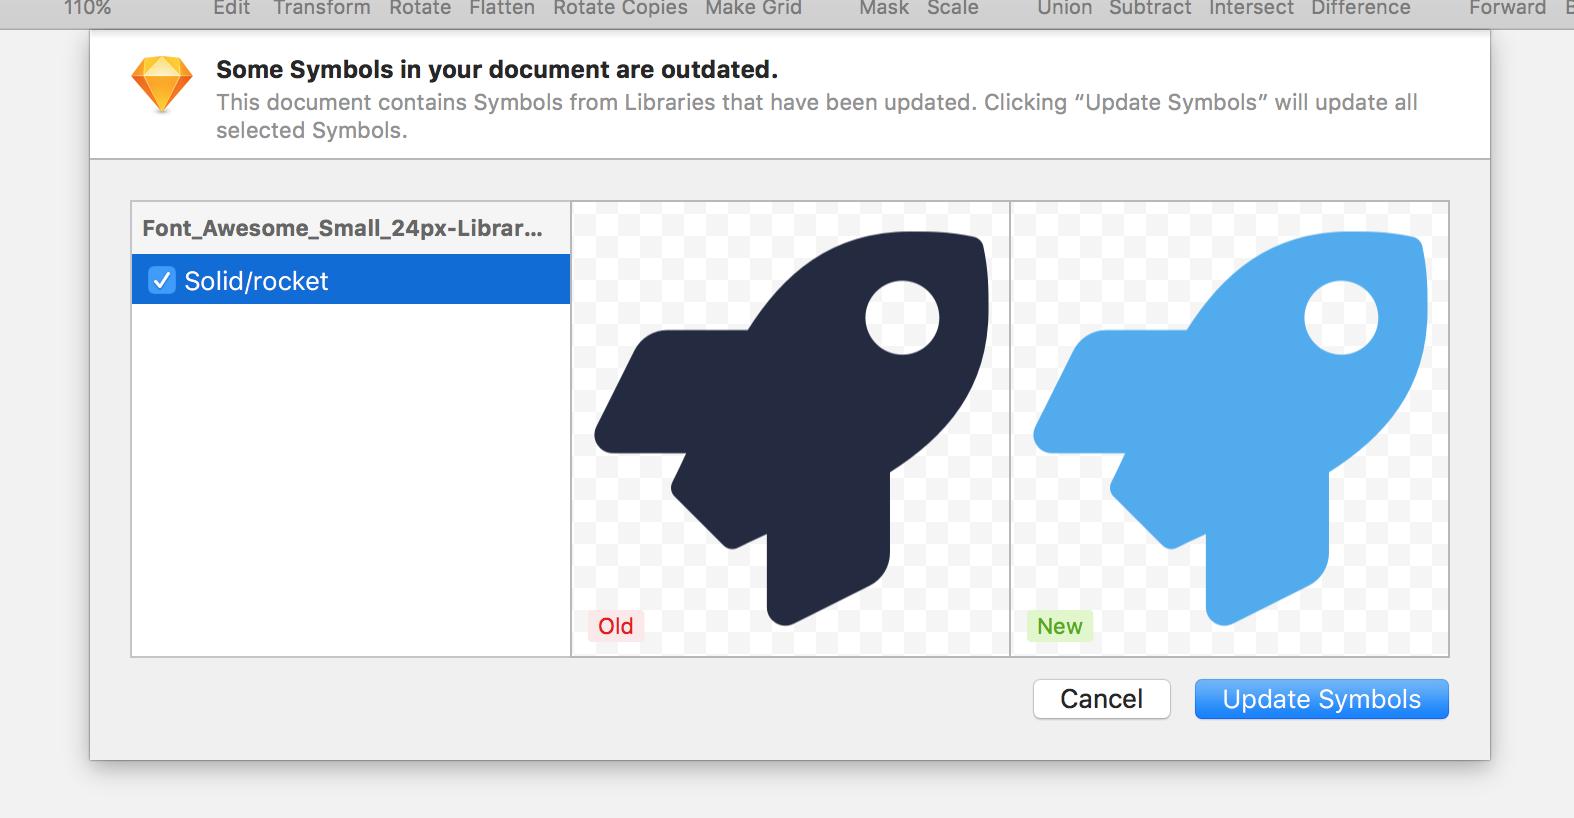 Wähle aus, ob du die neue oder alte Version deines Library Symbols behalten möchtest